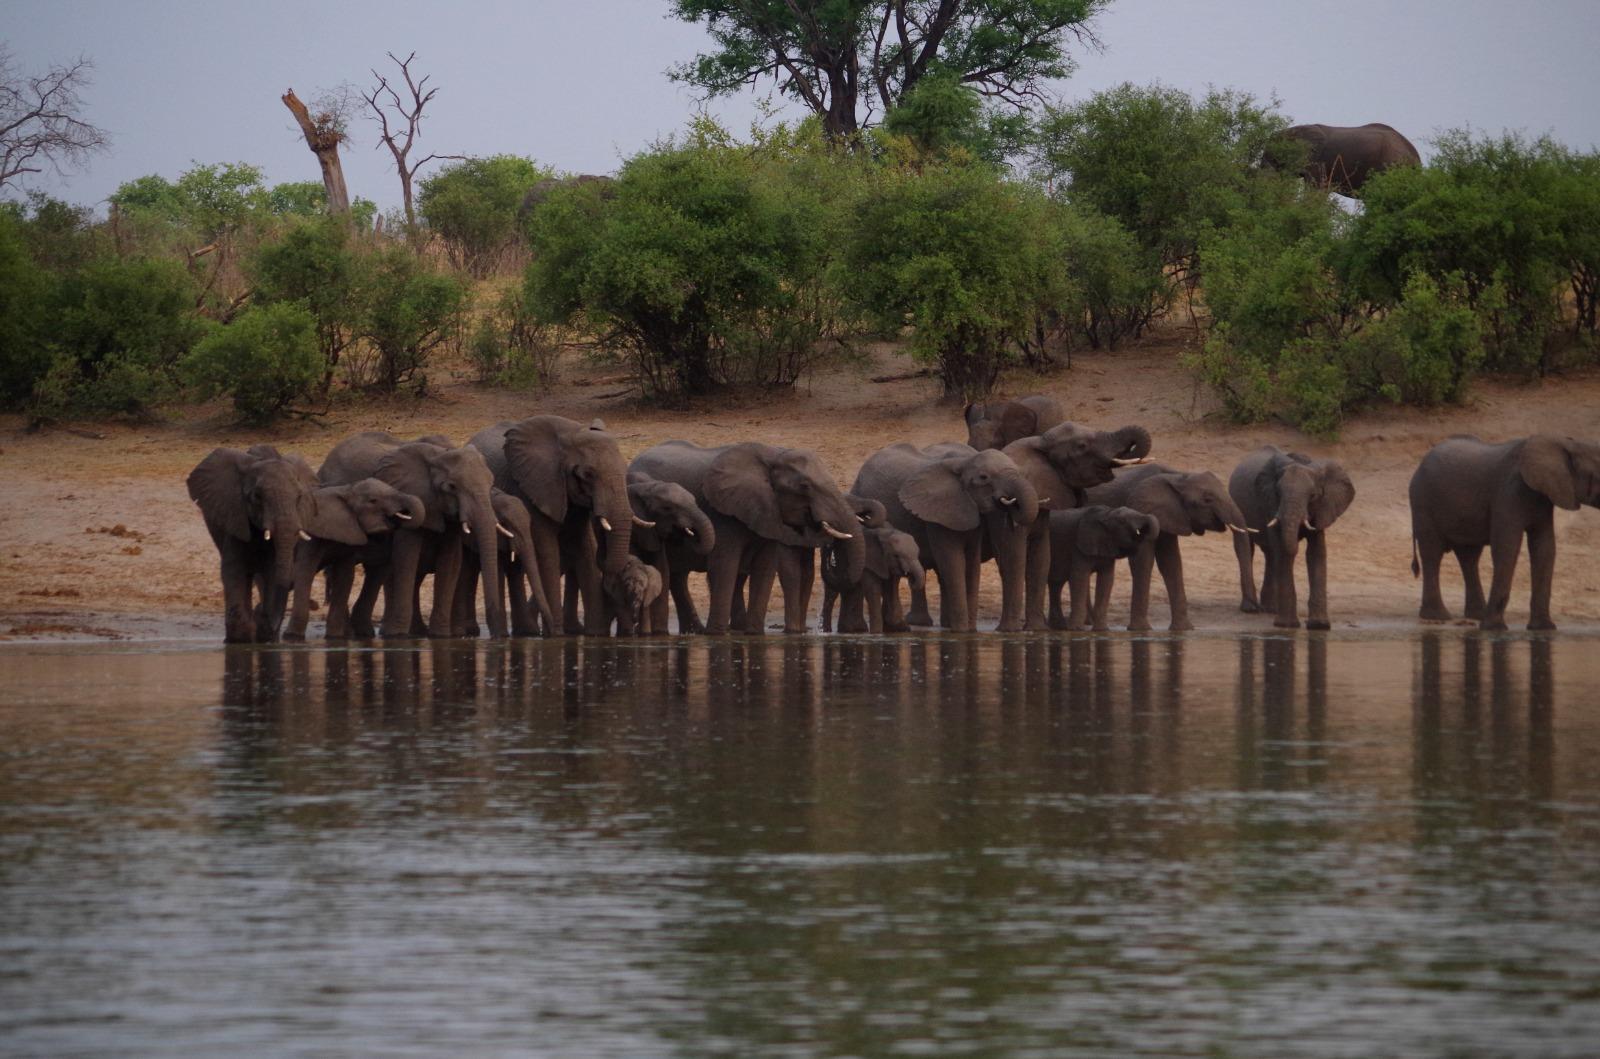 https://assets.eberhardt-travel.de/2019/Namibia/67358_Bootsfahrt_auf_dem_Okawango_-_Elefantentreffen_Original.jpg